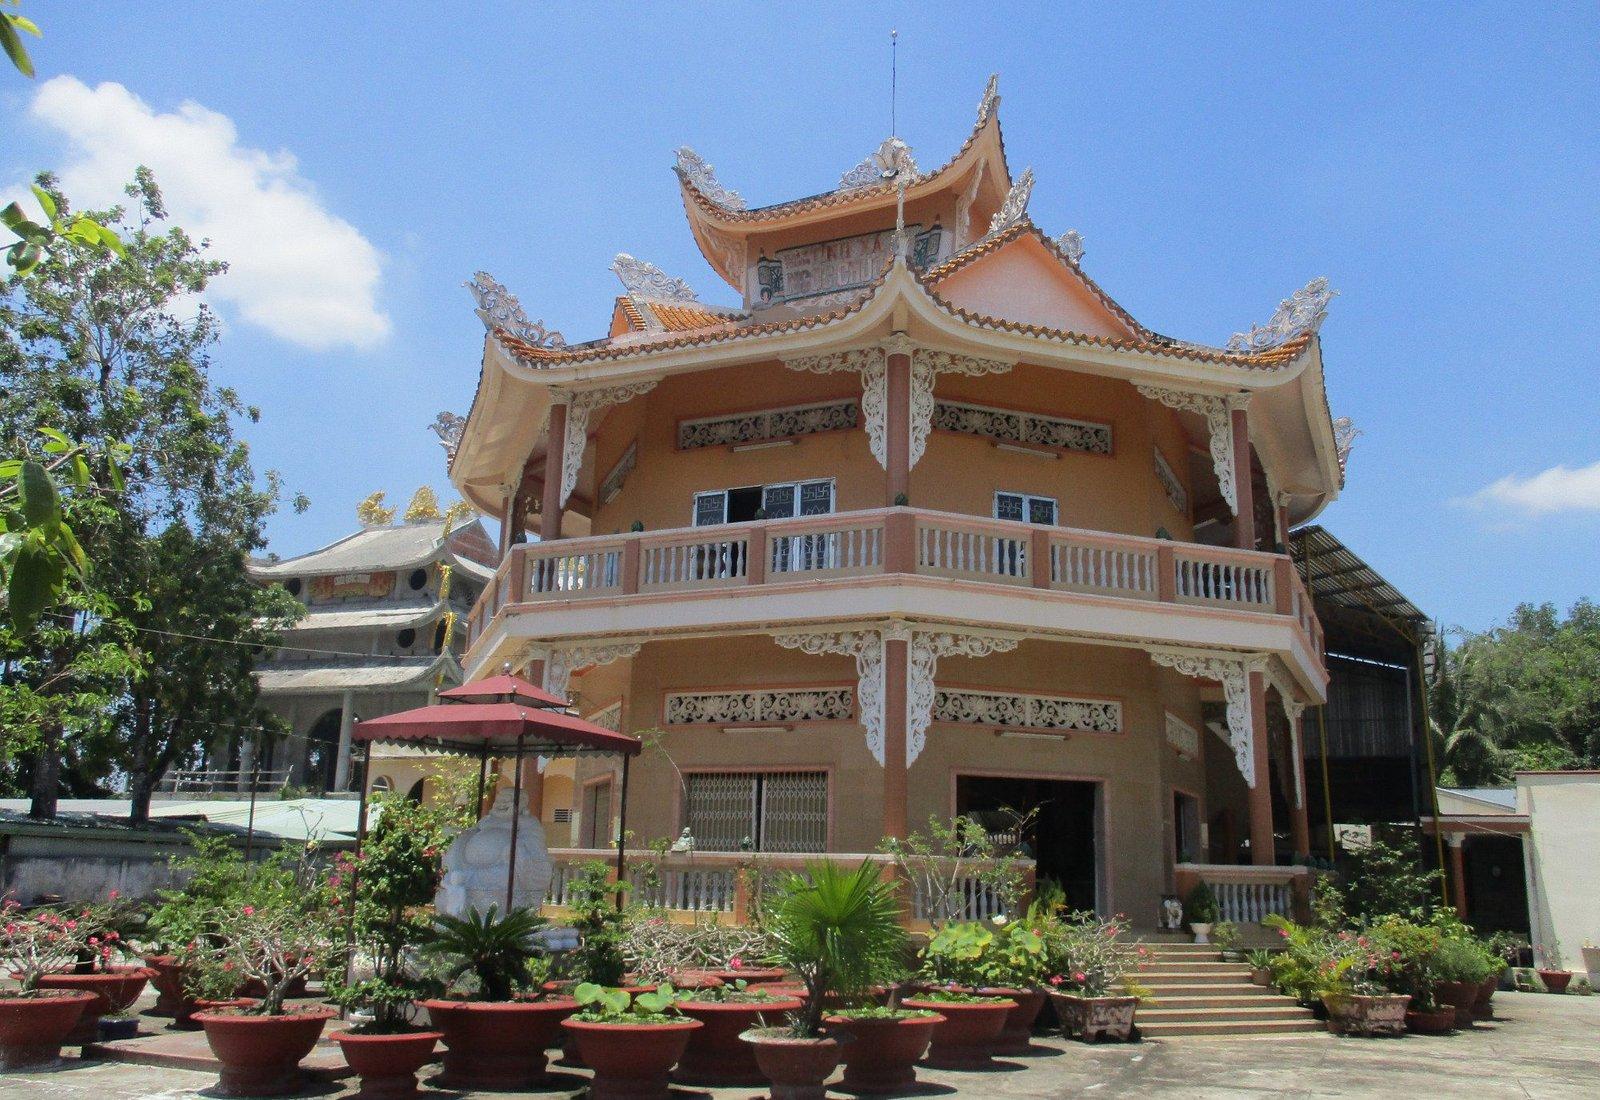 Photo prise par guythu-dudelta_23556_170326_Tịnh Xá Ngọc Chưởng_Vị Thanh_VN